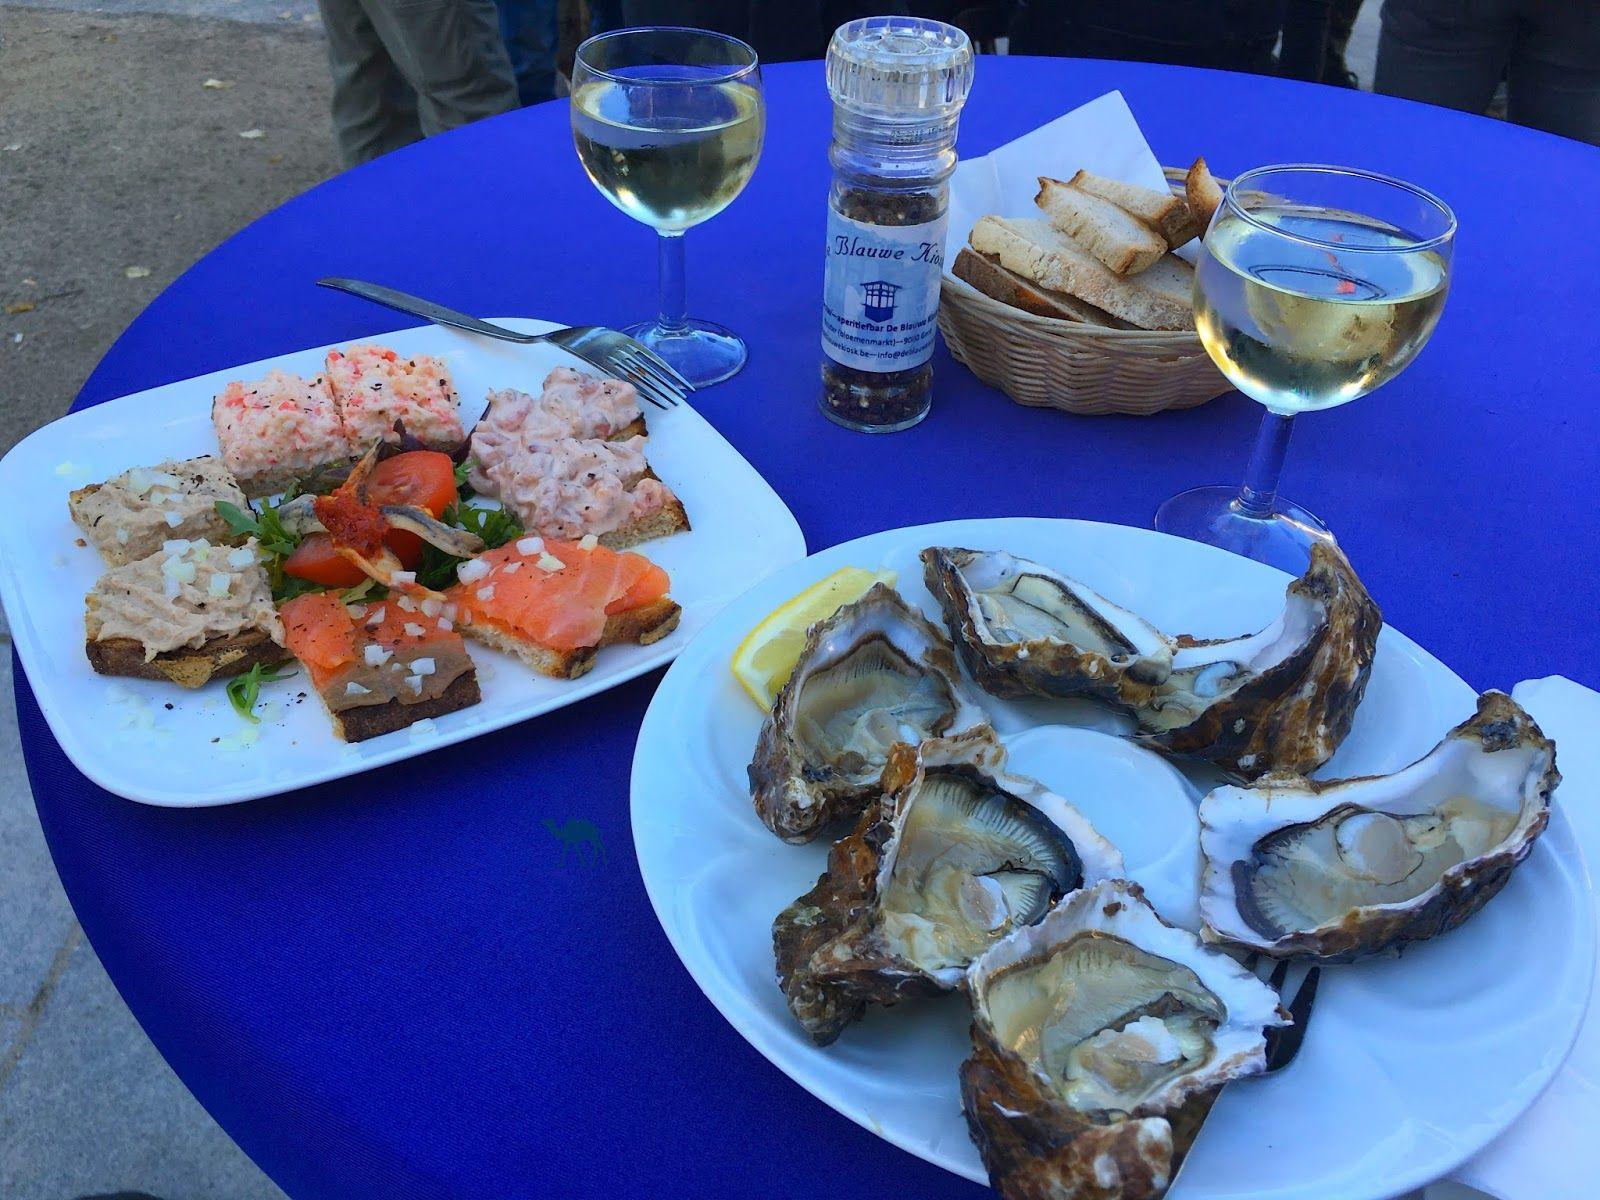 Ce matin, nous vous avons pondu un nouvelle article dans notre série sur la ville de Gand. Nous vous  partageons nos petites adresses pour un verre ou un repas dans cette belle ville. https://goo.gl/AGt9S9   #voyage #trip #travel #gand #ghent #gent #belgique #belgium #adresse #restaurant #bar #brunch  #wanderlust #explore #discover #weekend #traveller #traveling #tourism